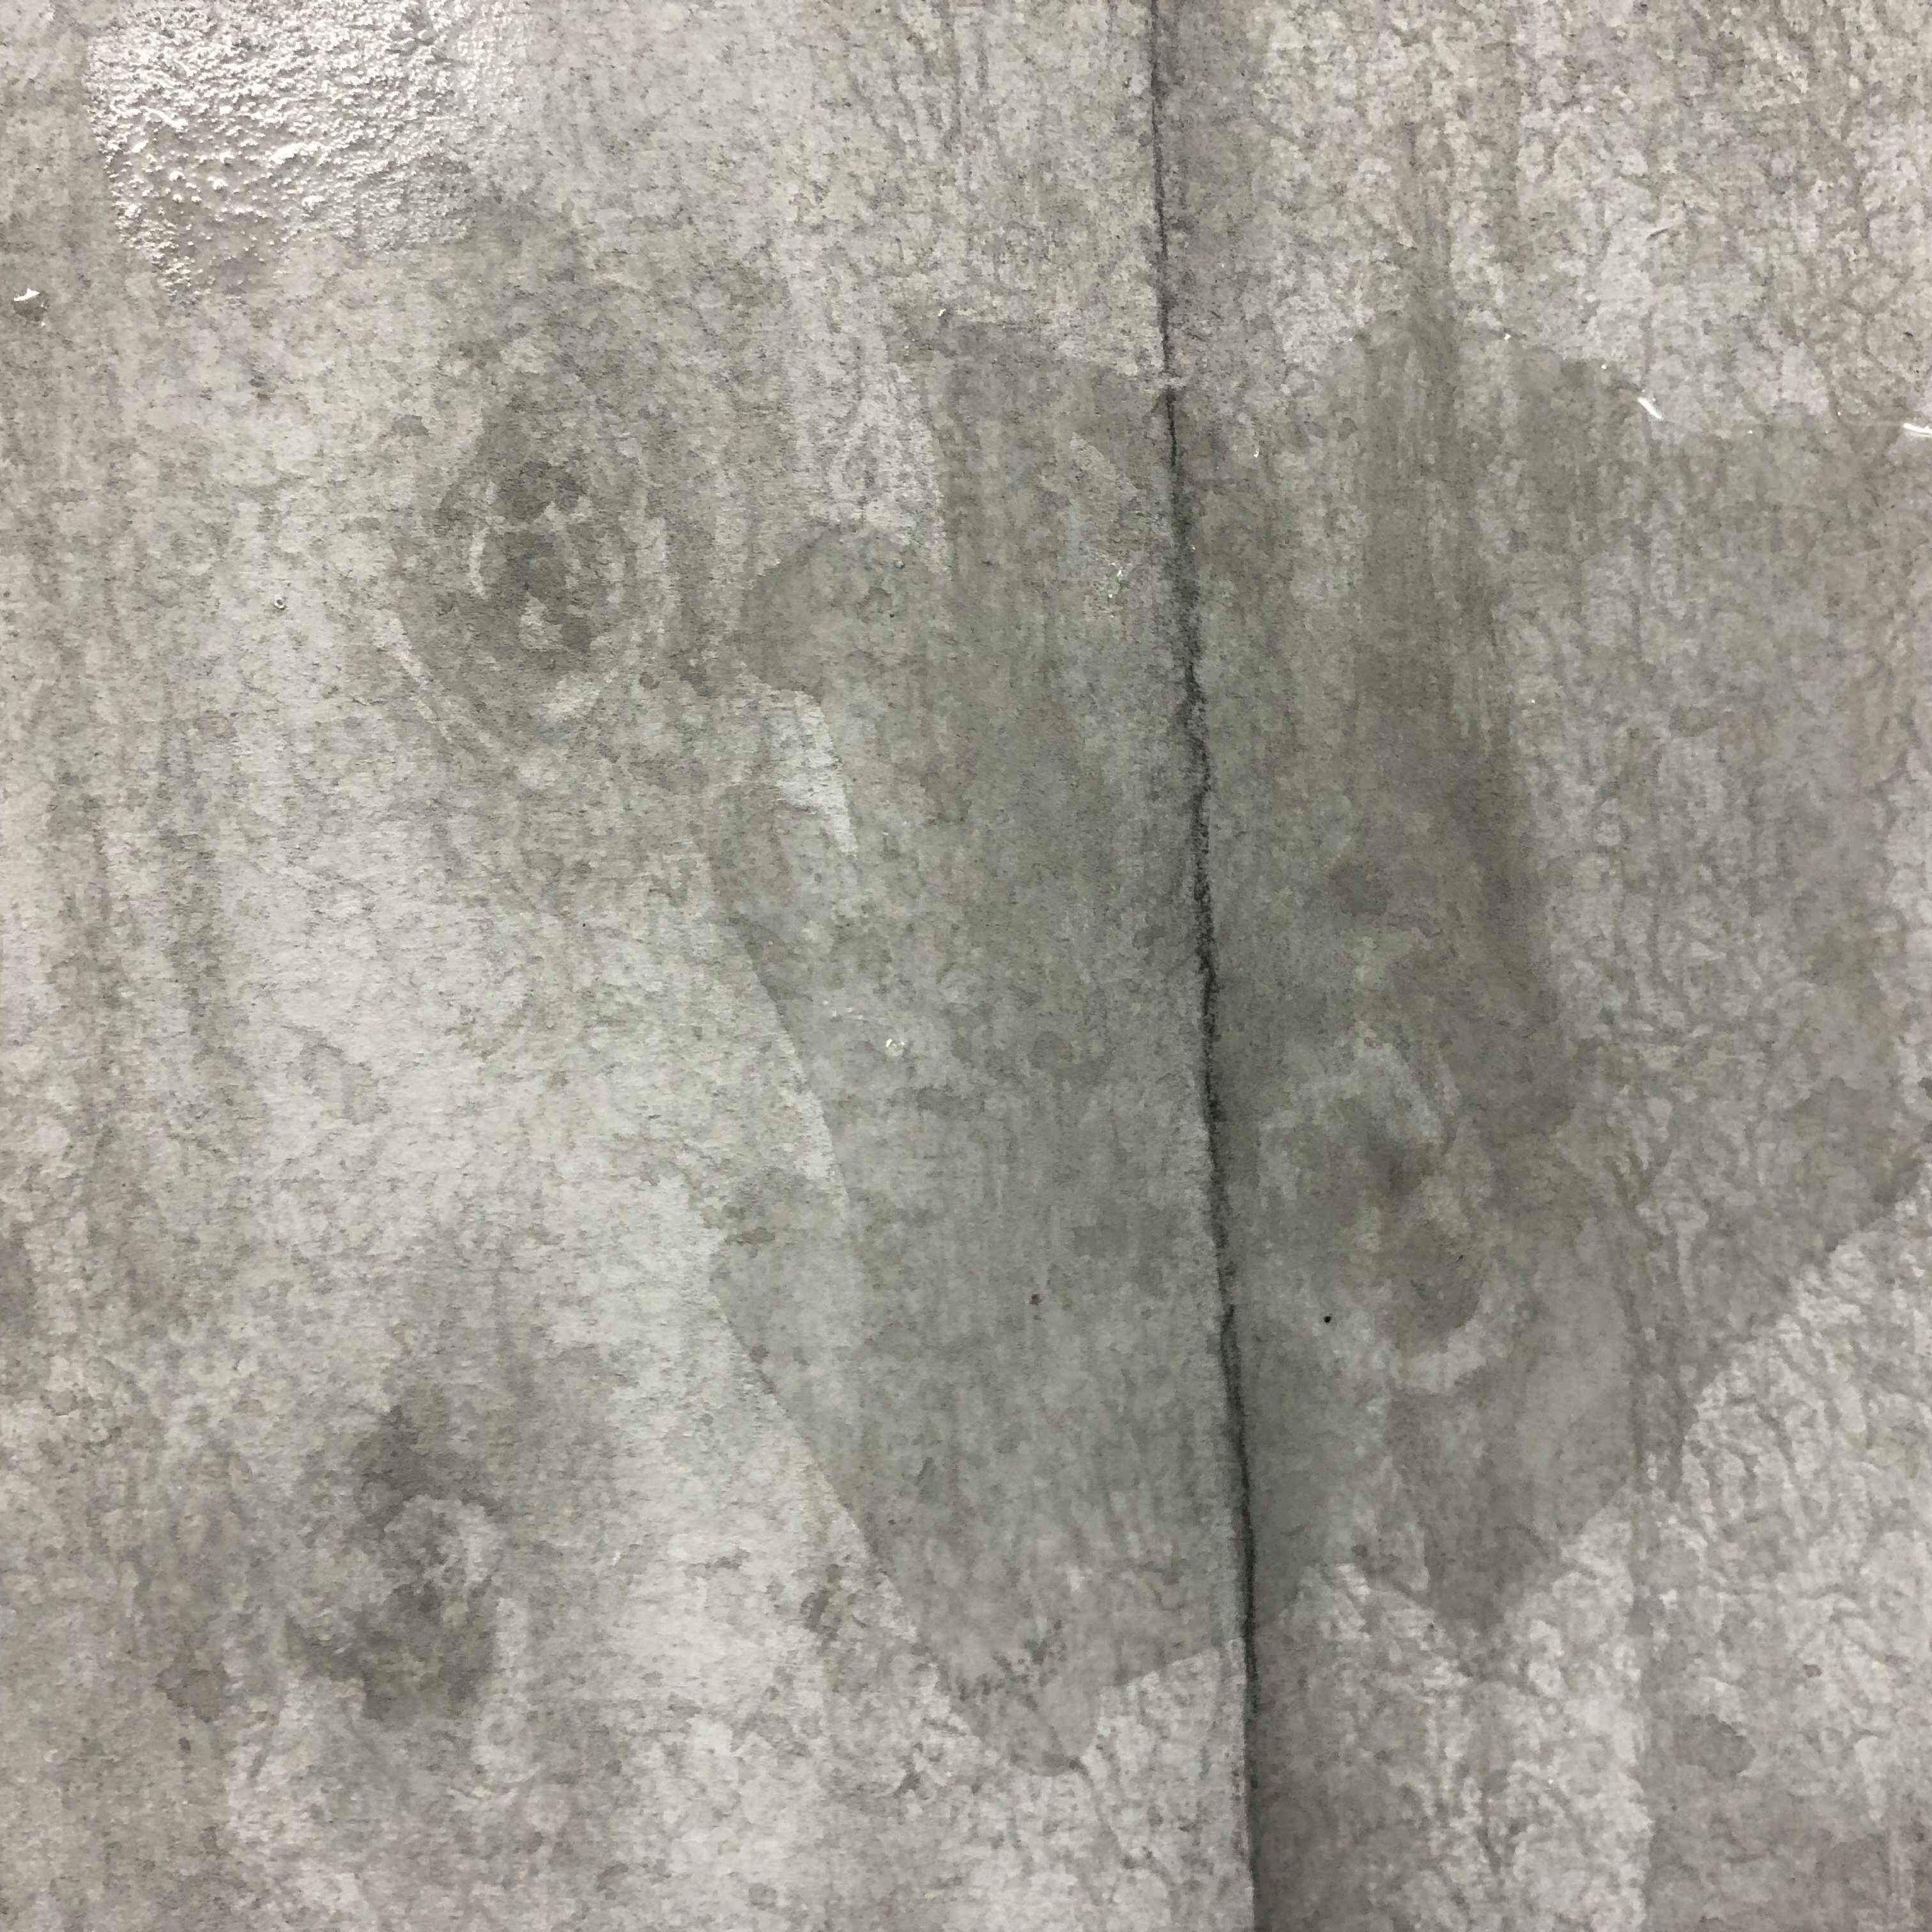 「『濡れる』はコンクリート補修のイノベーション|月刊色合わせ補修 Vol.14」